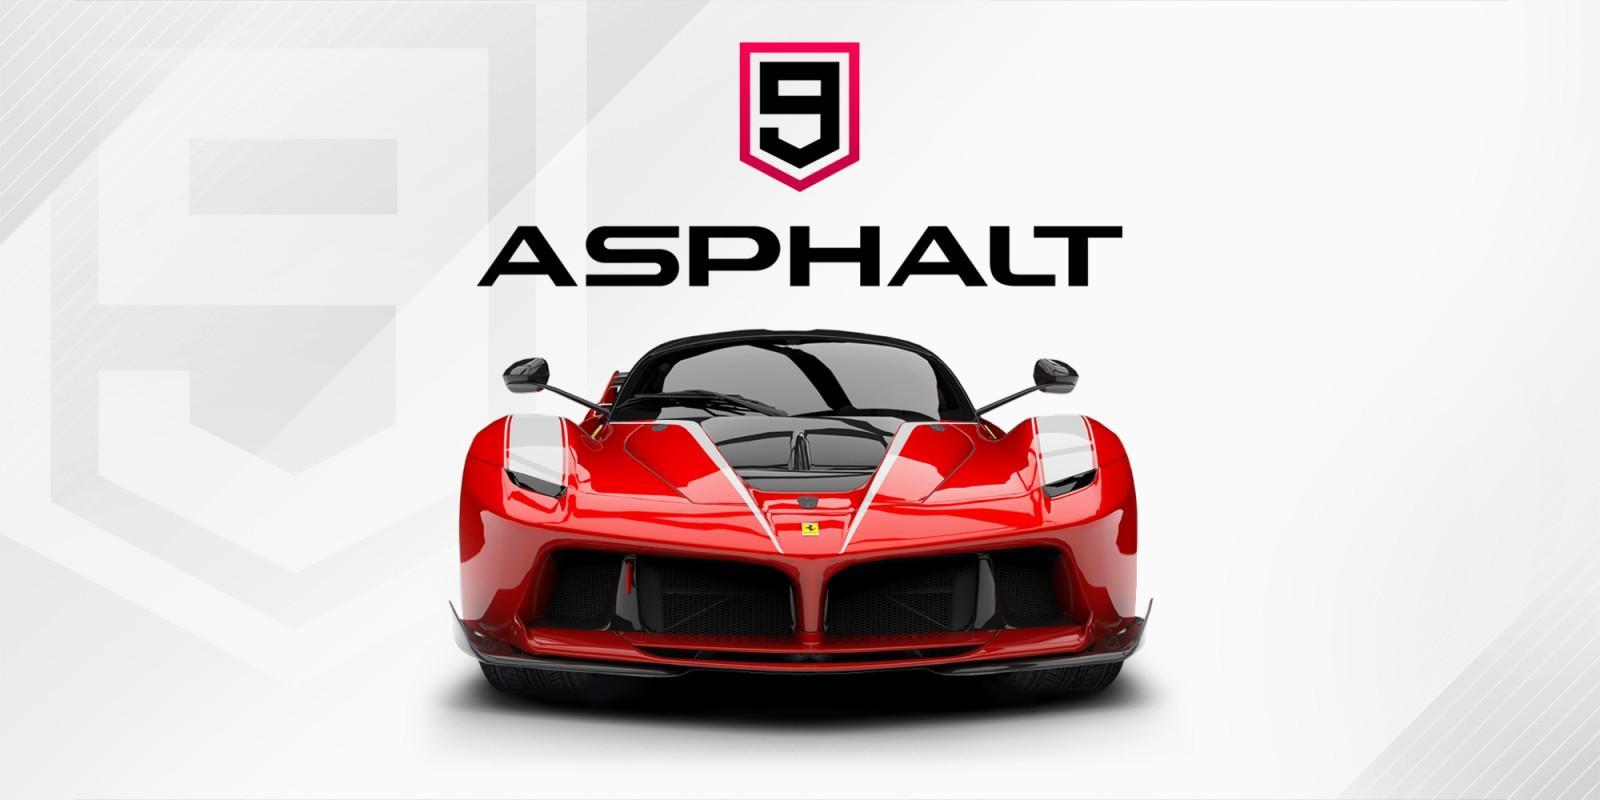 Asphalt - juegos gratis para Nintendo Switch